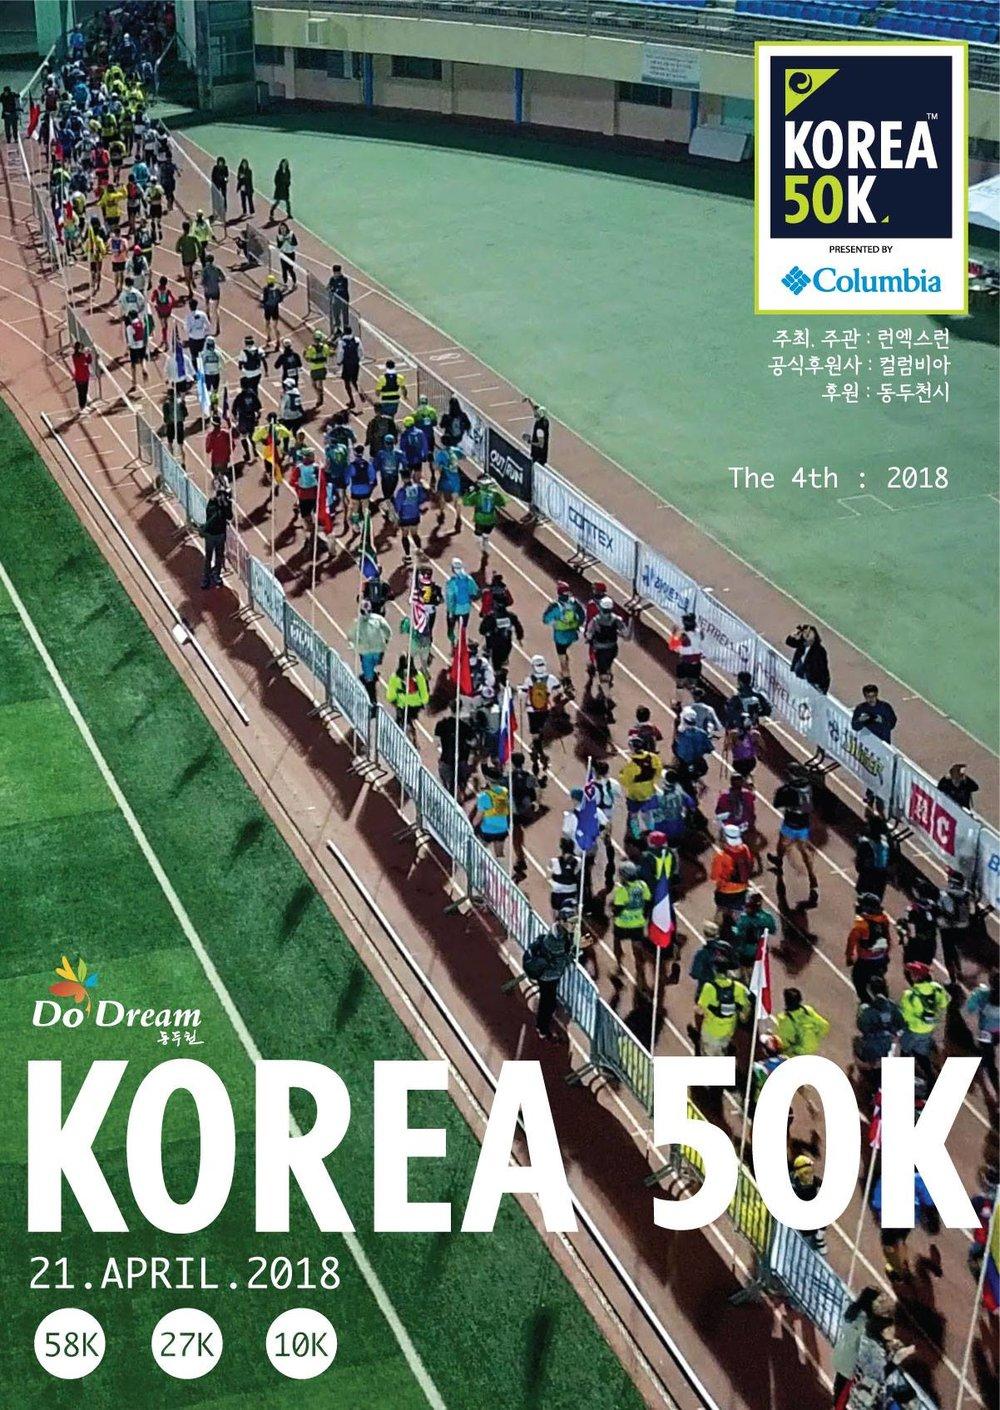 Korea 50k 2018 poster.jpg